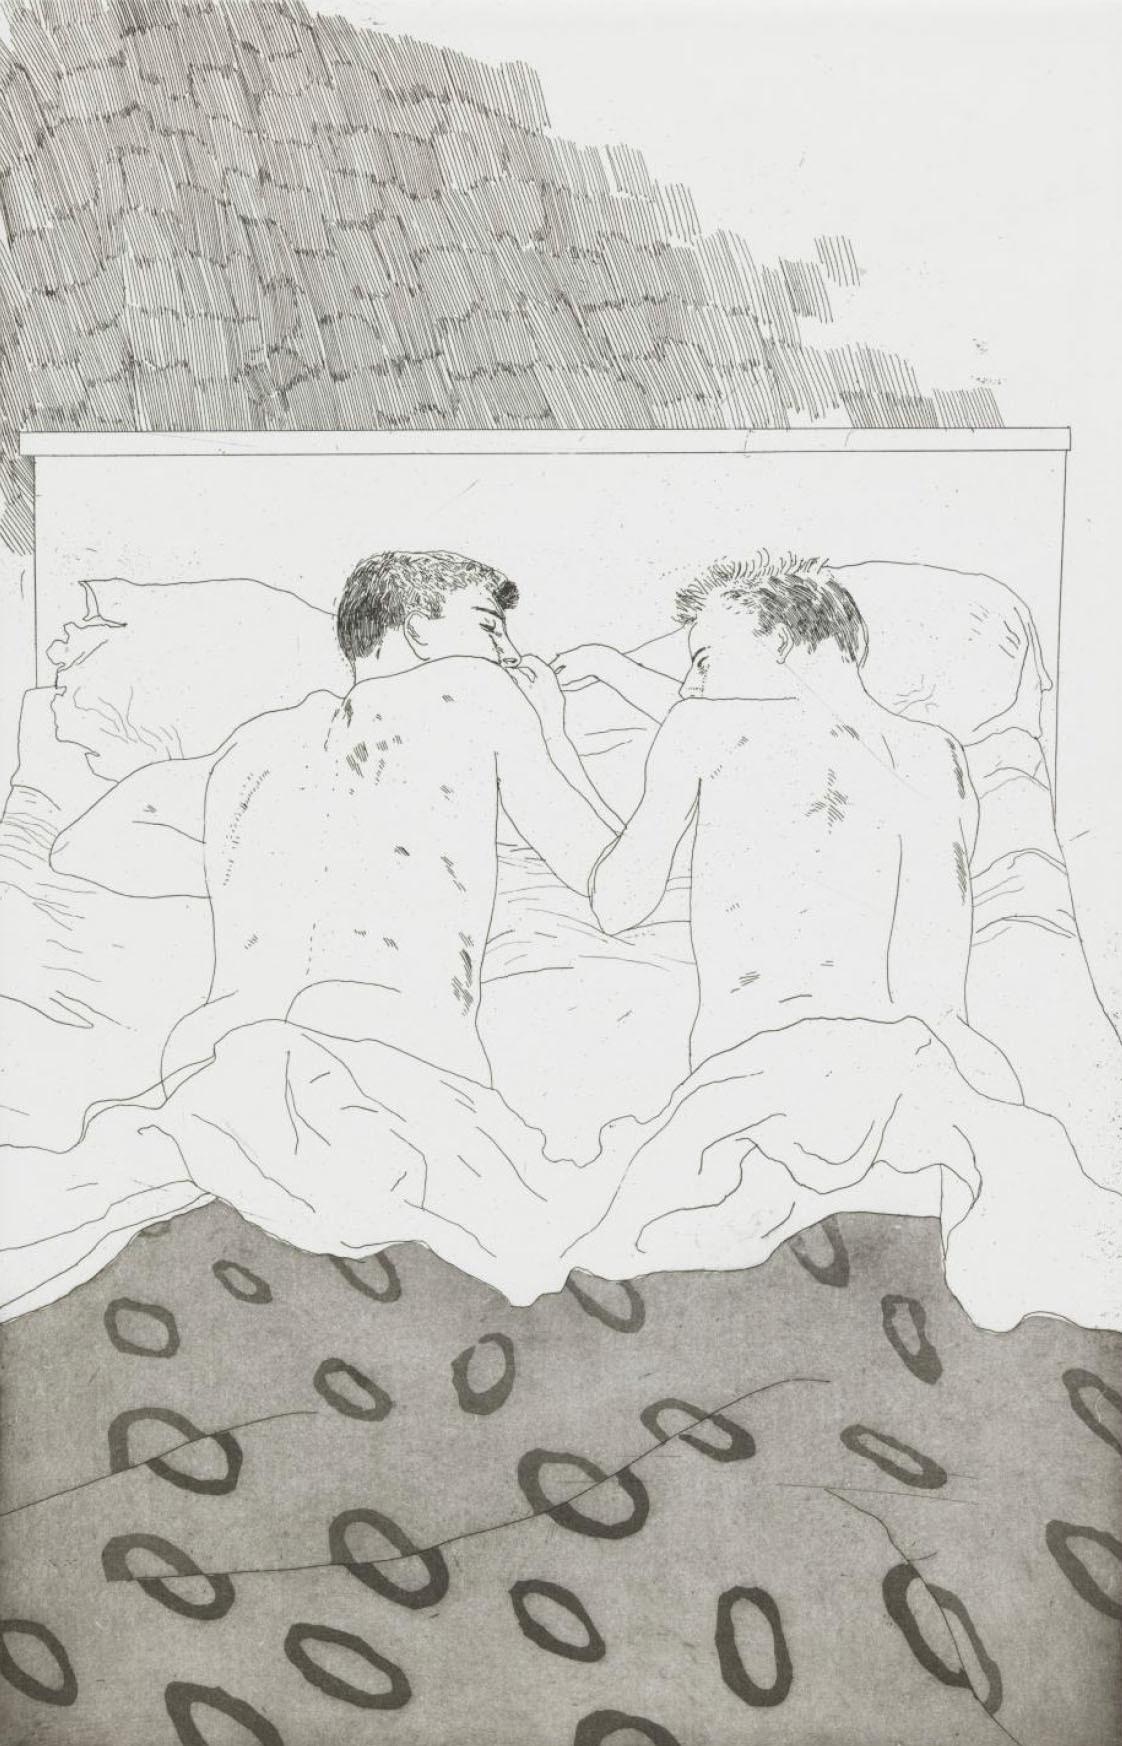 デイヴィッド・ホックニー 《23, 4歳のふたりの男子》C.P. カヴァフィスの14編の詩のための挿絵より 1966年エッチング、アクアチント/紙 34.5×22.3cm